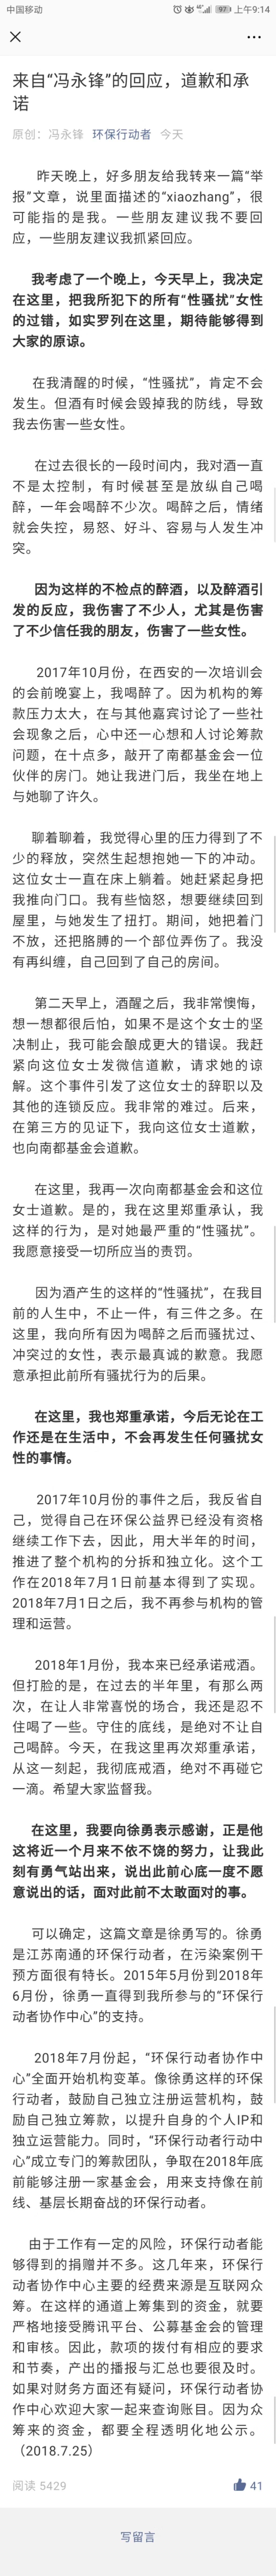 冯永锋回应1.jpg